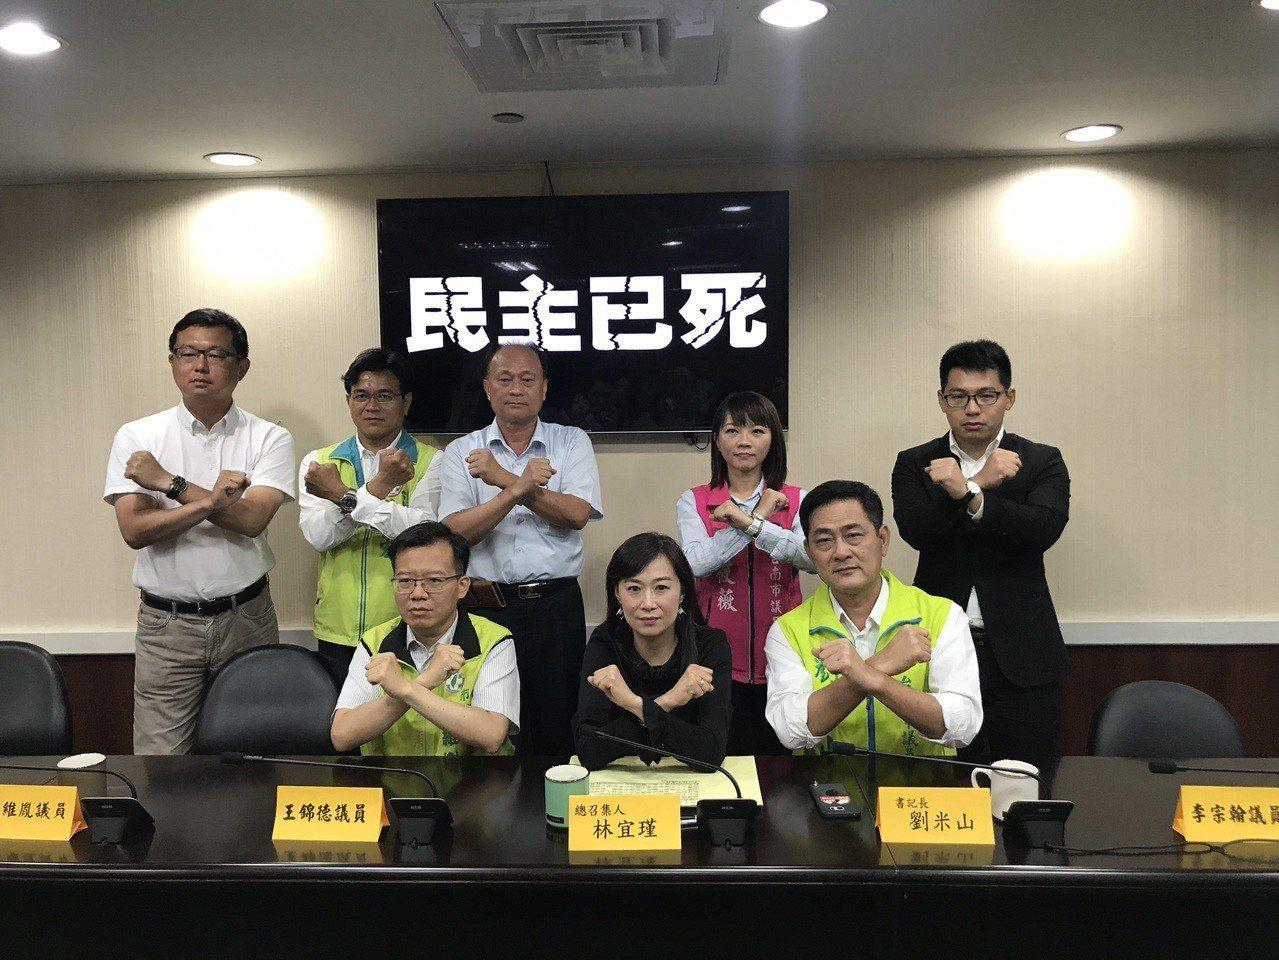 台南市議會民進黨團今召開記者會,抨擊中評會縱容跑票議員。記者鄭維真/攝影